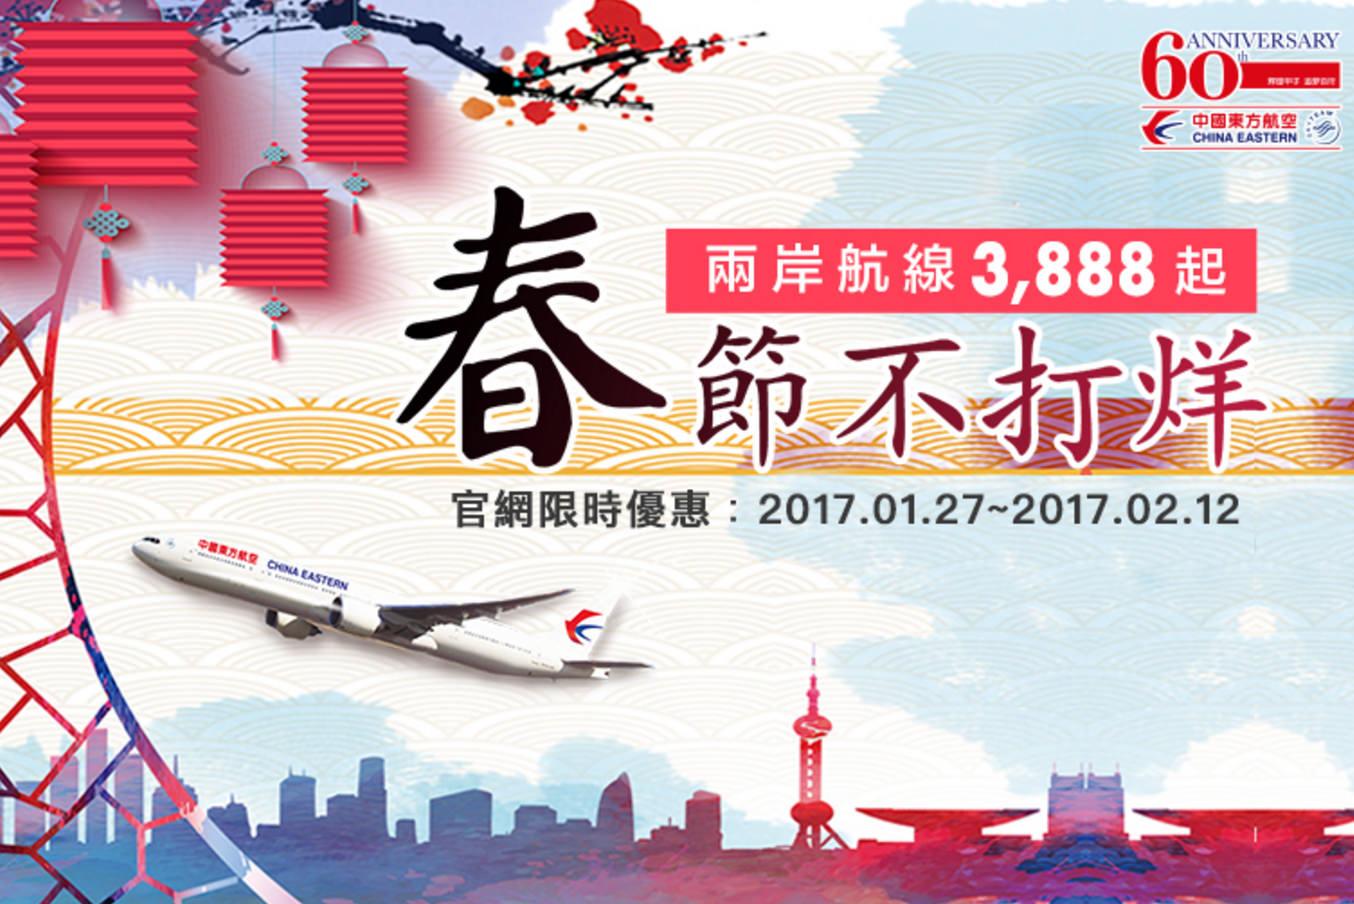 【特價機票】中國東方航空台北飛上海來回機票只要4400,30kg行李,送高鐵來回票,網路訂票教學